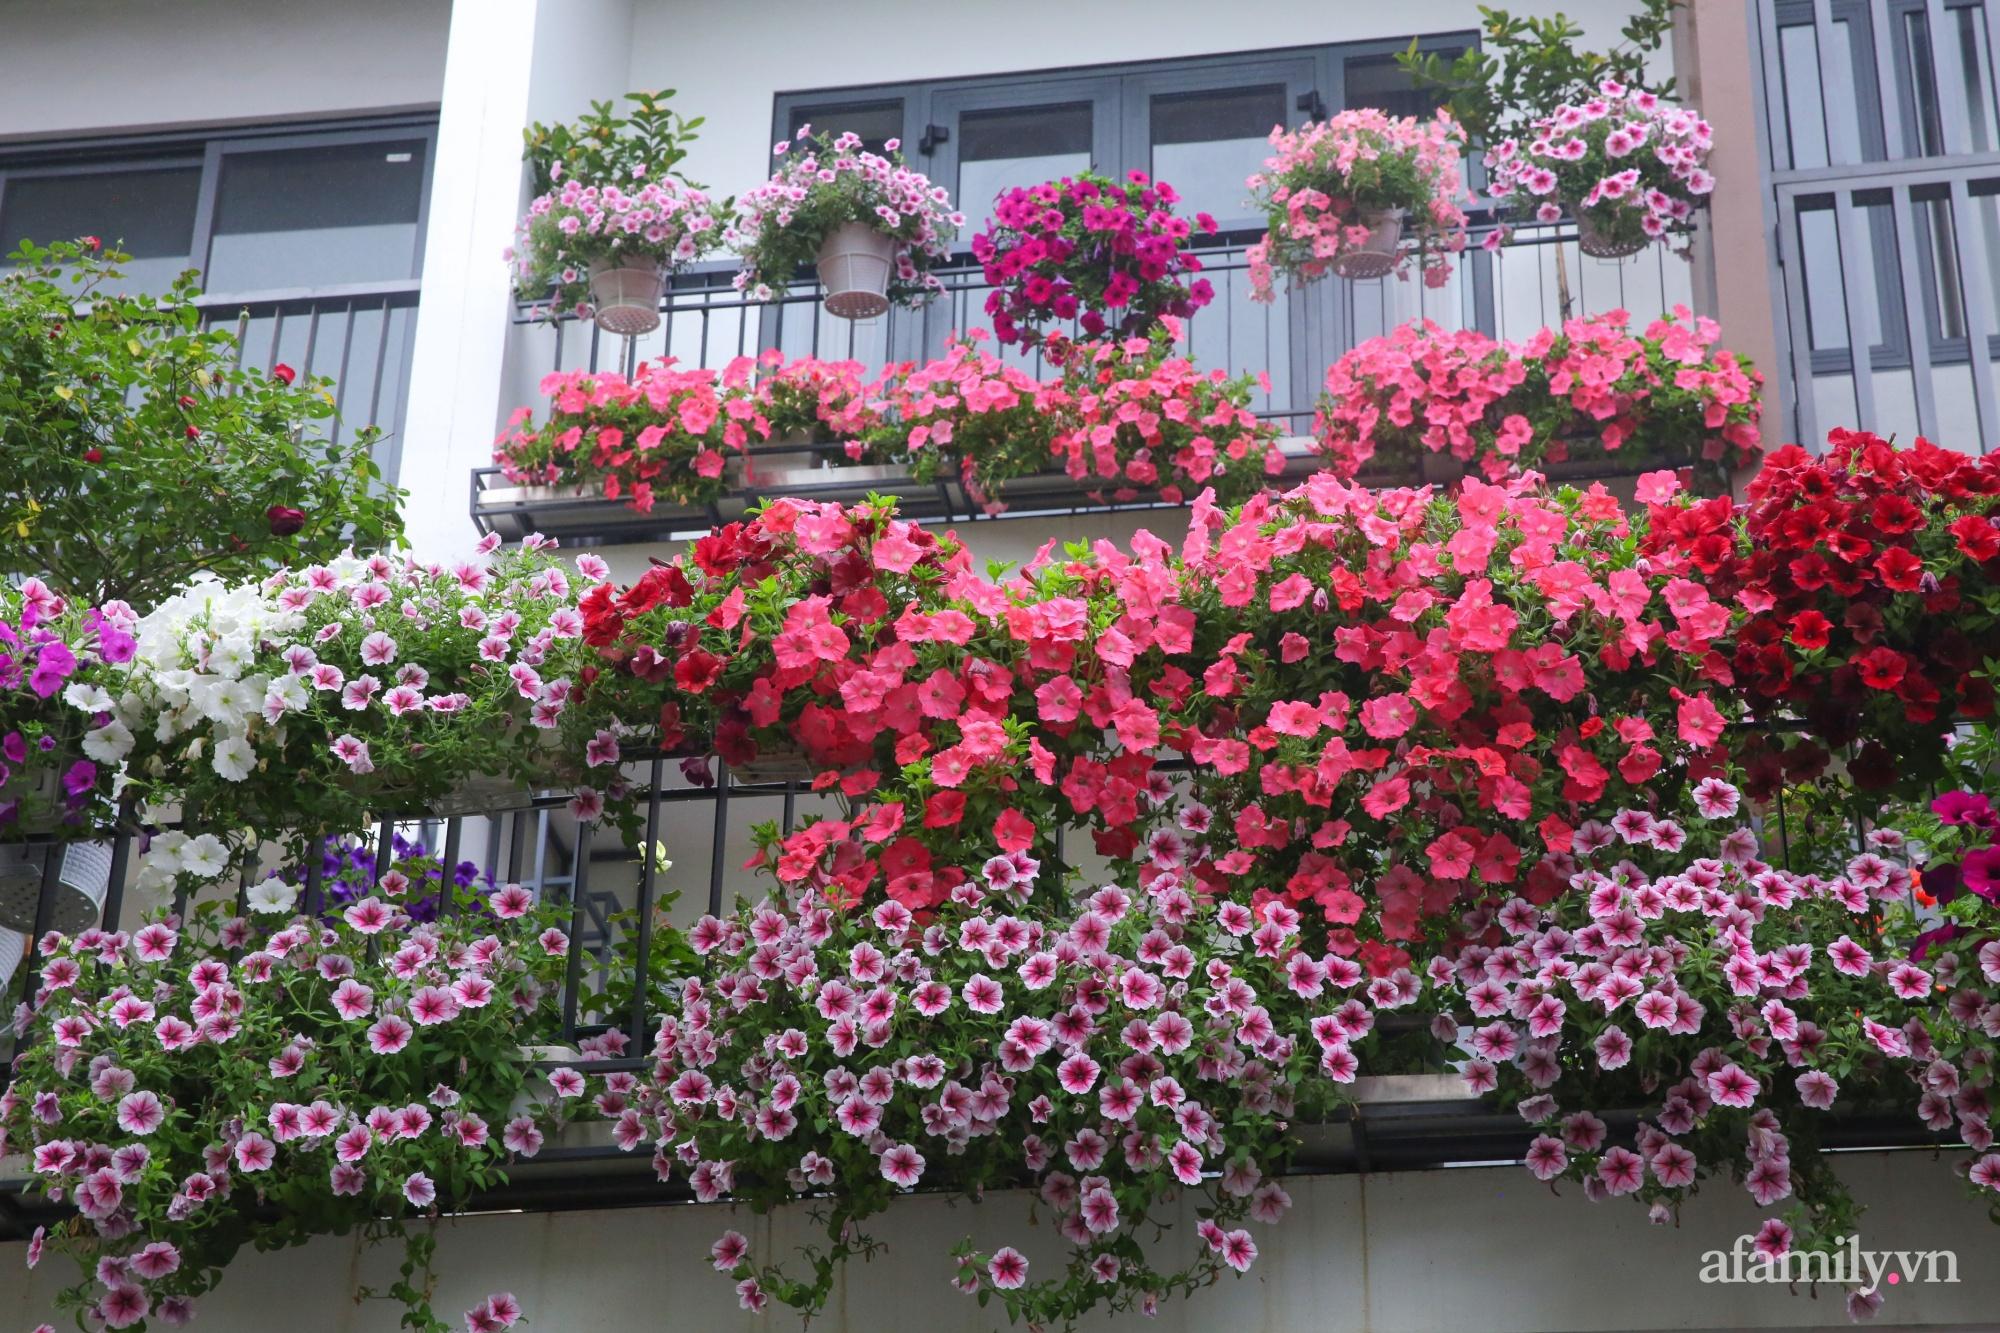 Kinh nghiệm trồng dạ yến thảo nở rực rỡ đủ sắc màu phủ kín mặt tiền nhà phố Hà Nội - Ảnh 8.